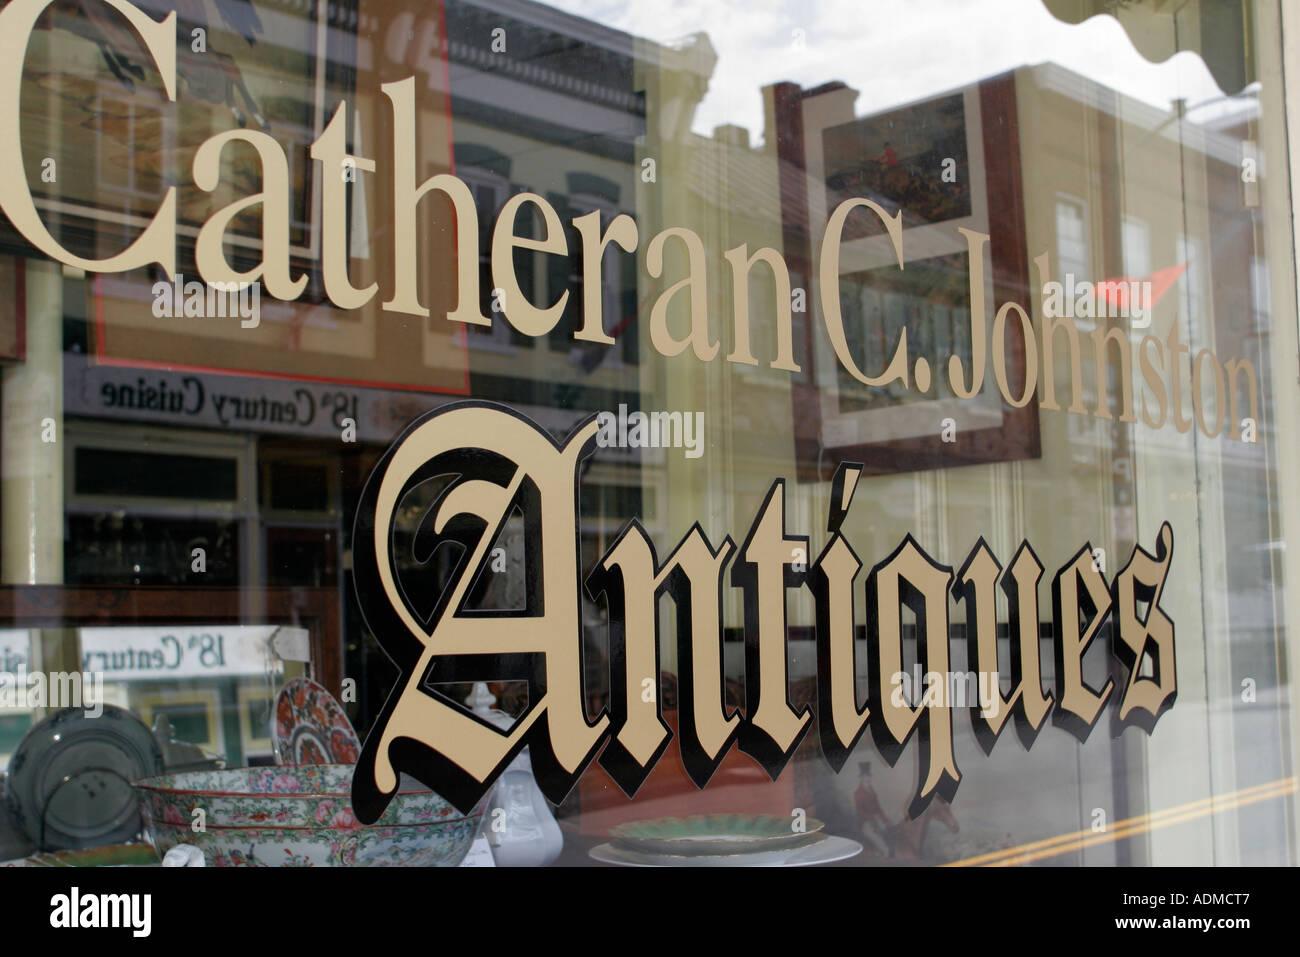 Leesburg Virginia North King Street Catherine C. Johnston Antiquitäten Zeichen Fenster Stockfoto